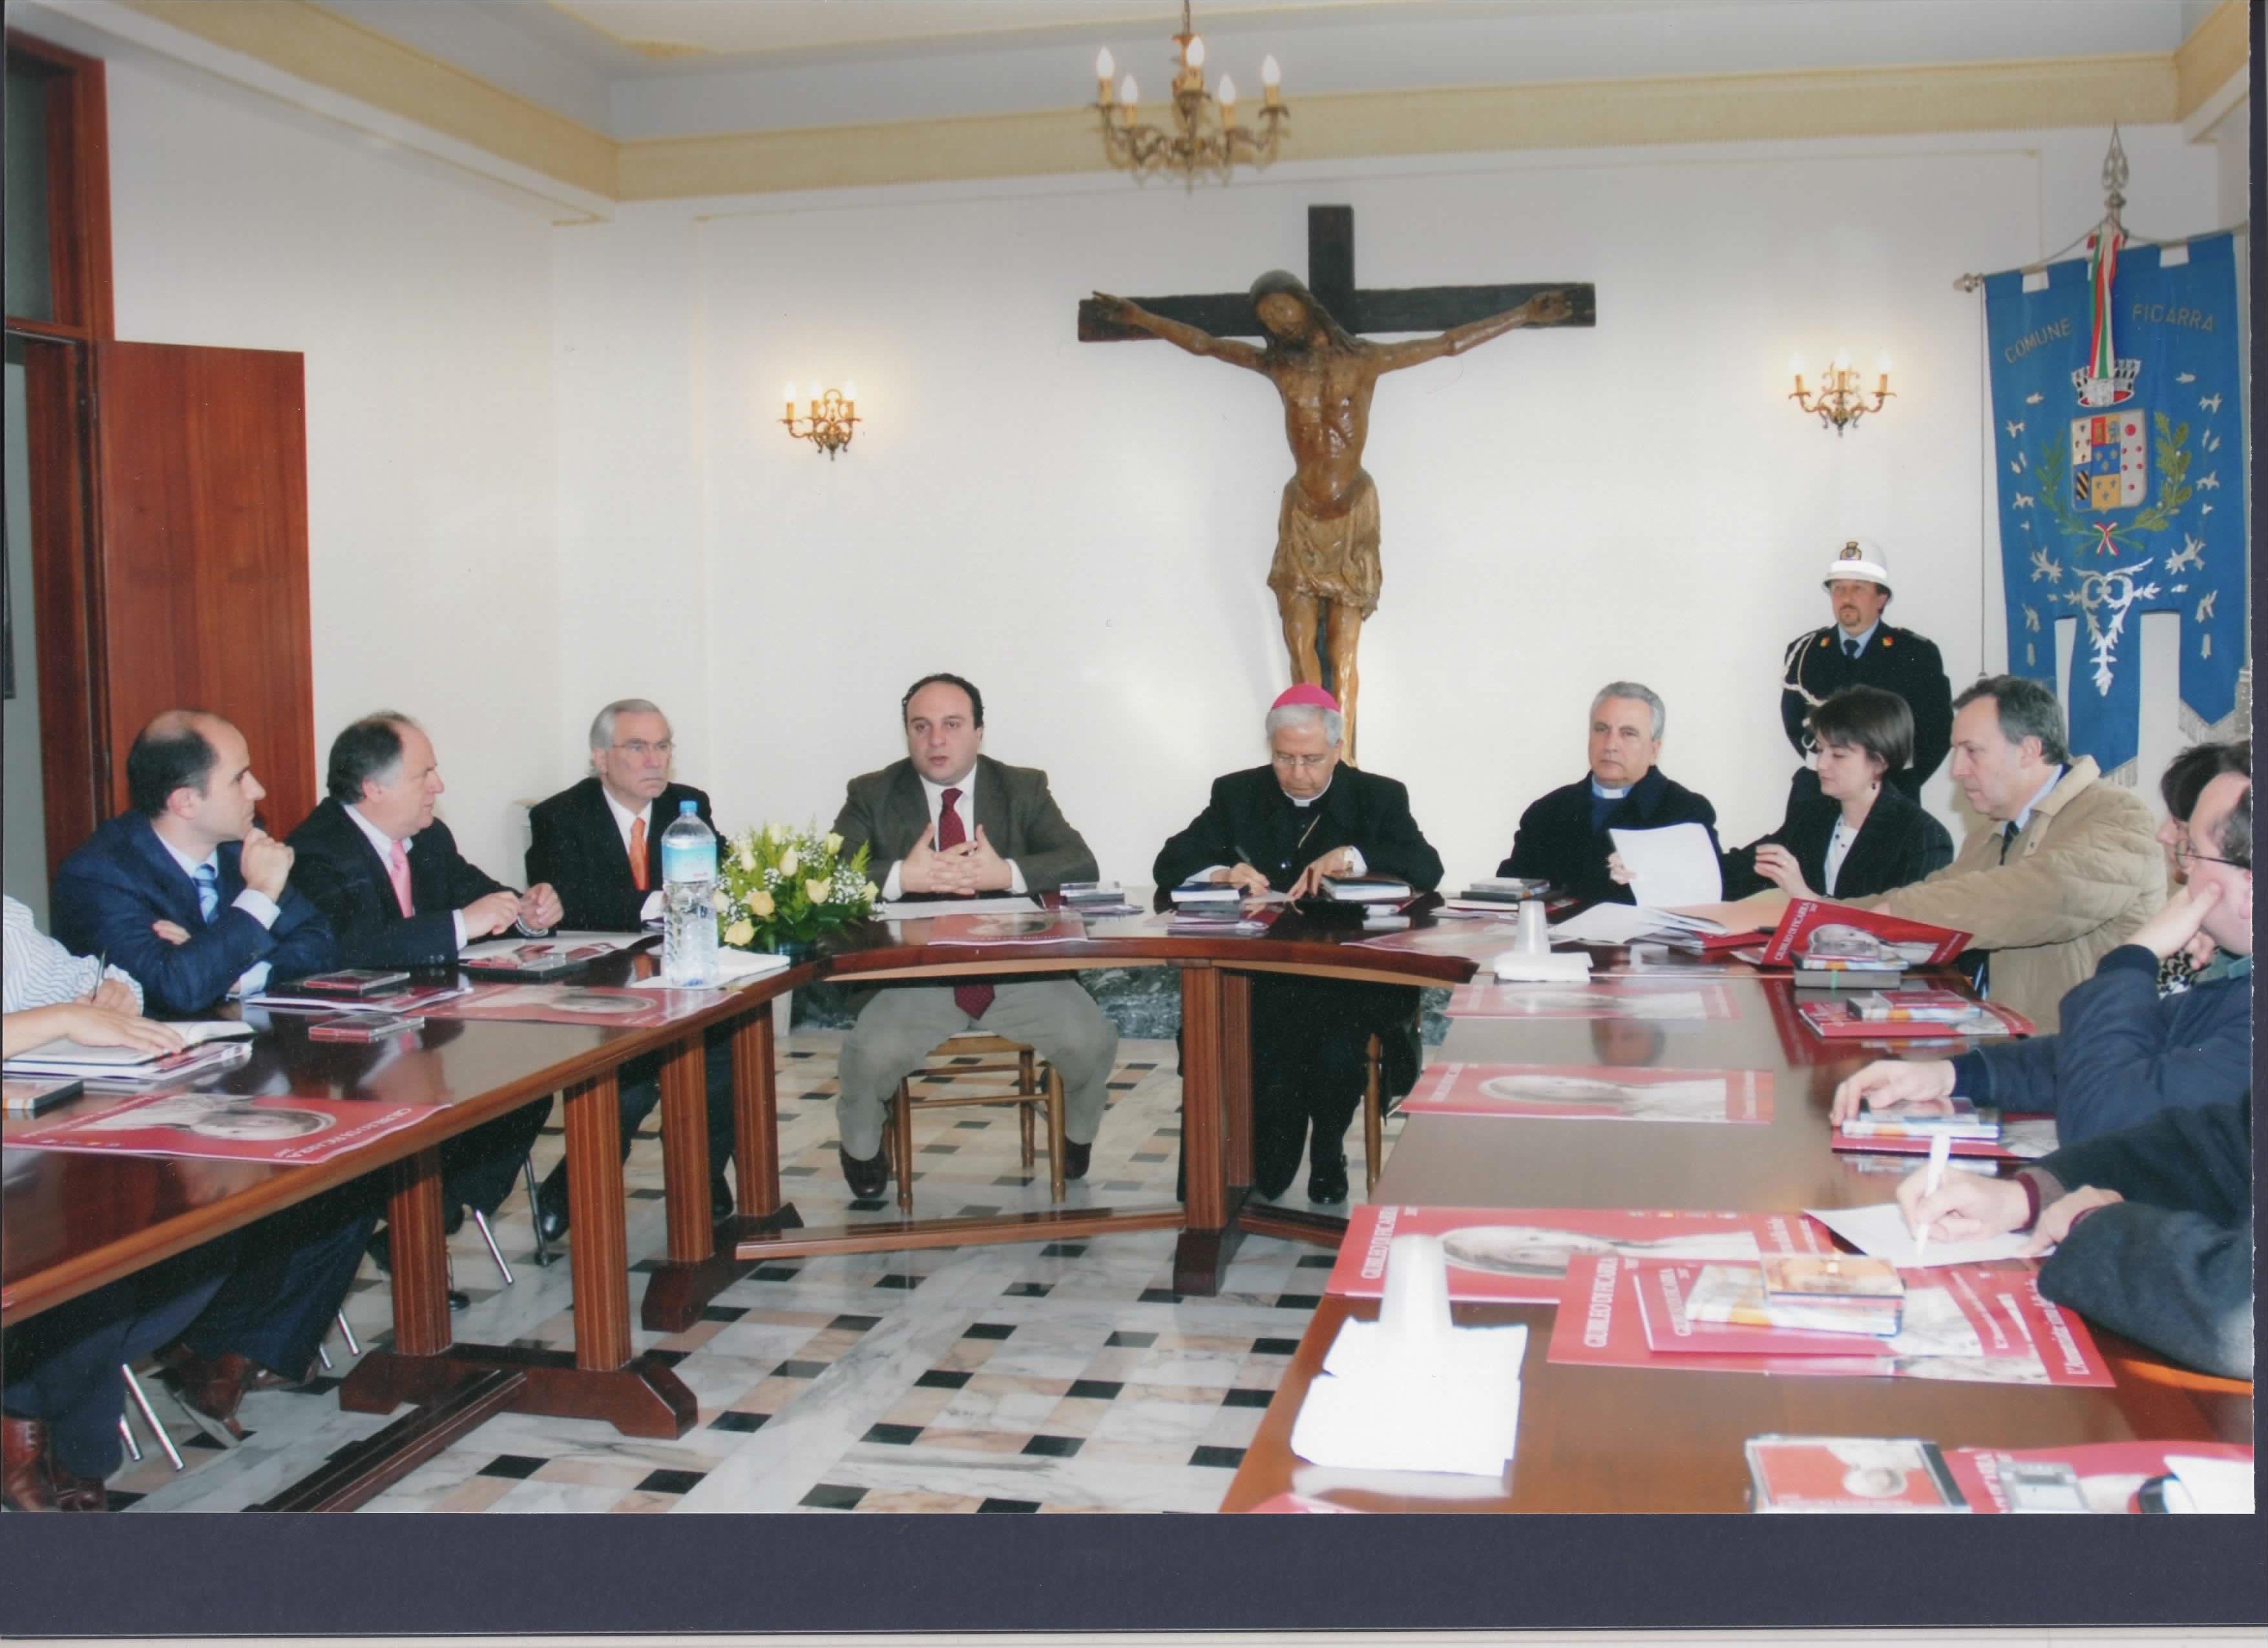 2007-Conferenza-Stampa-Giubileo-di-Ficarra 1